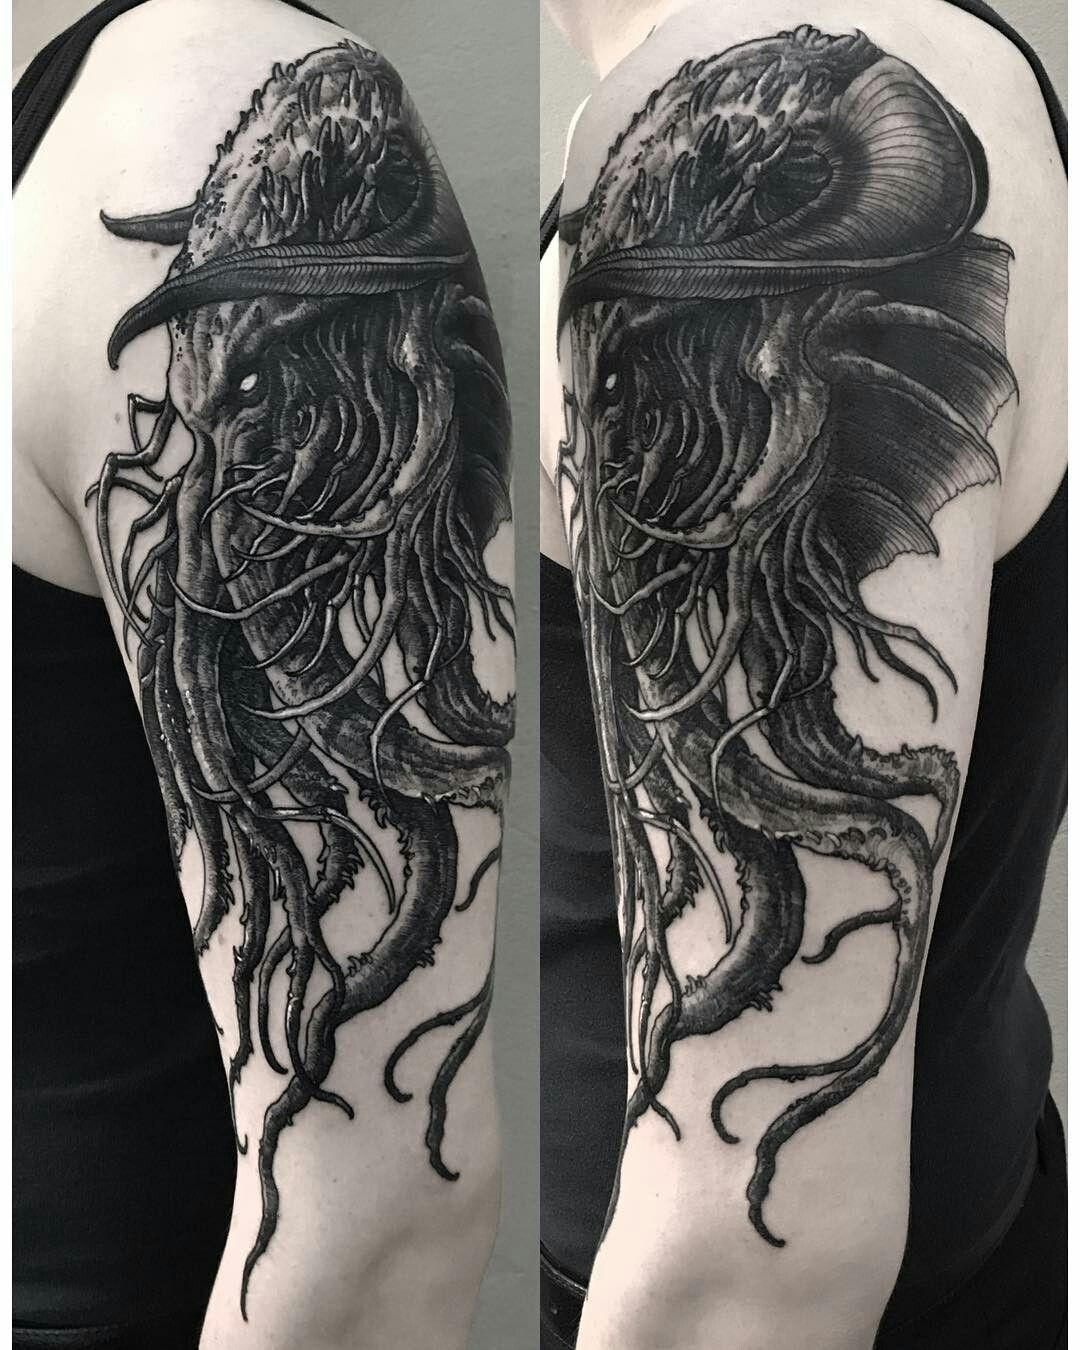 Pin by Kachaktano on Things I like | Tattoos, Cthulhu tattoo